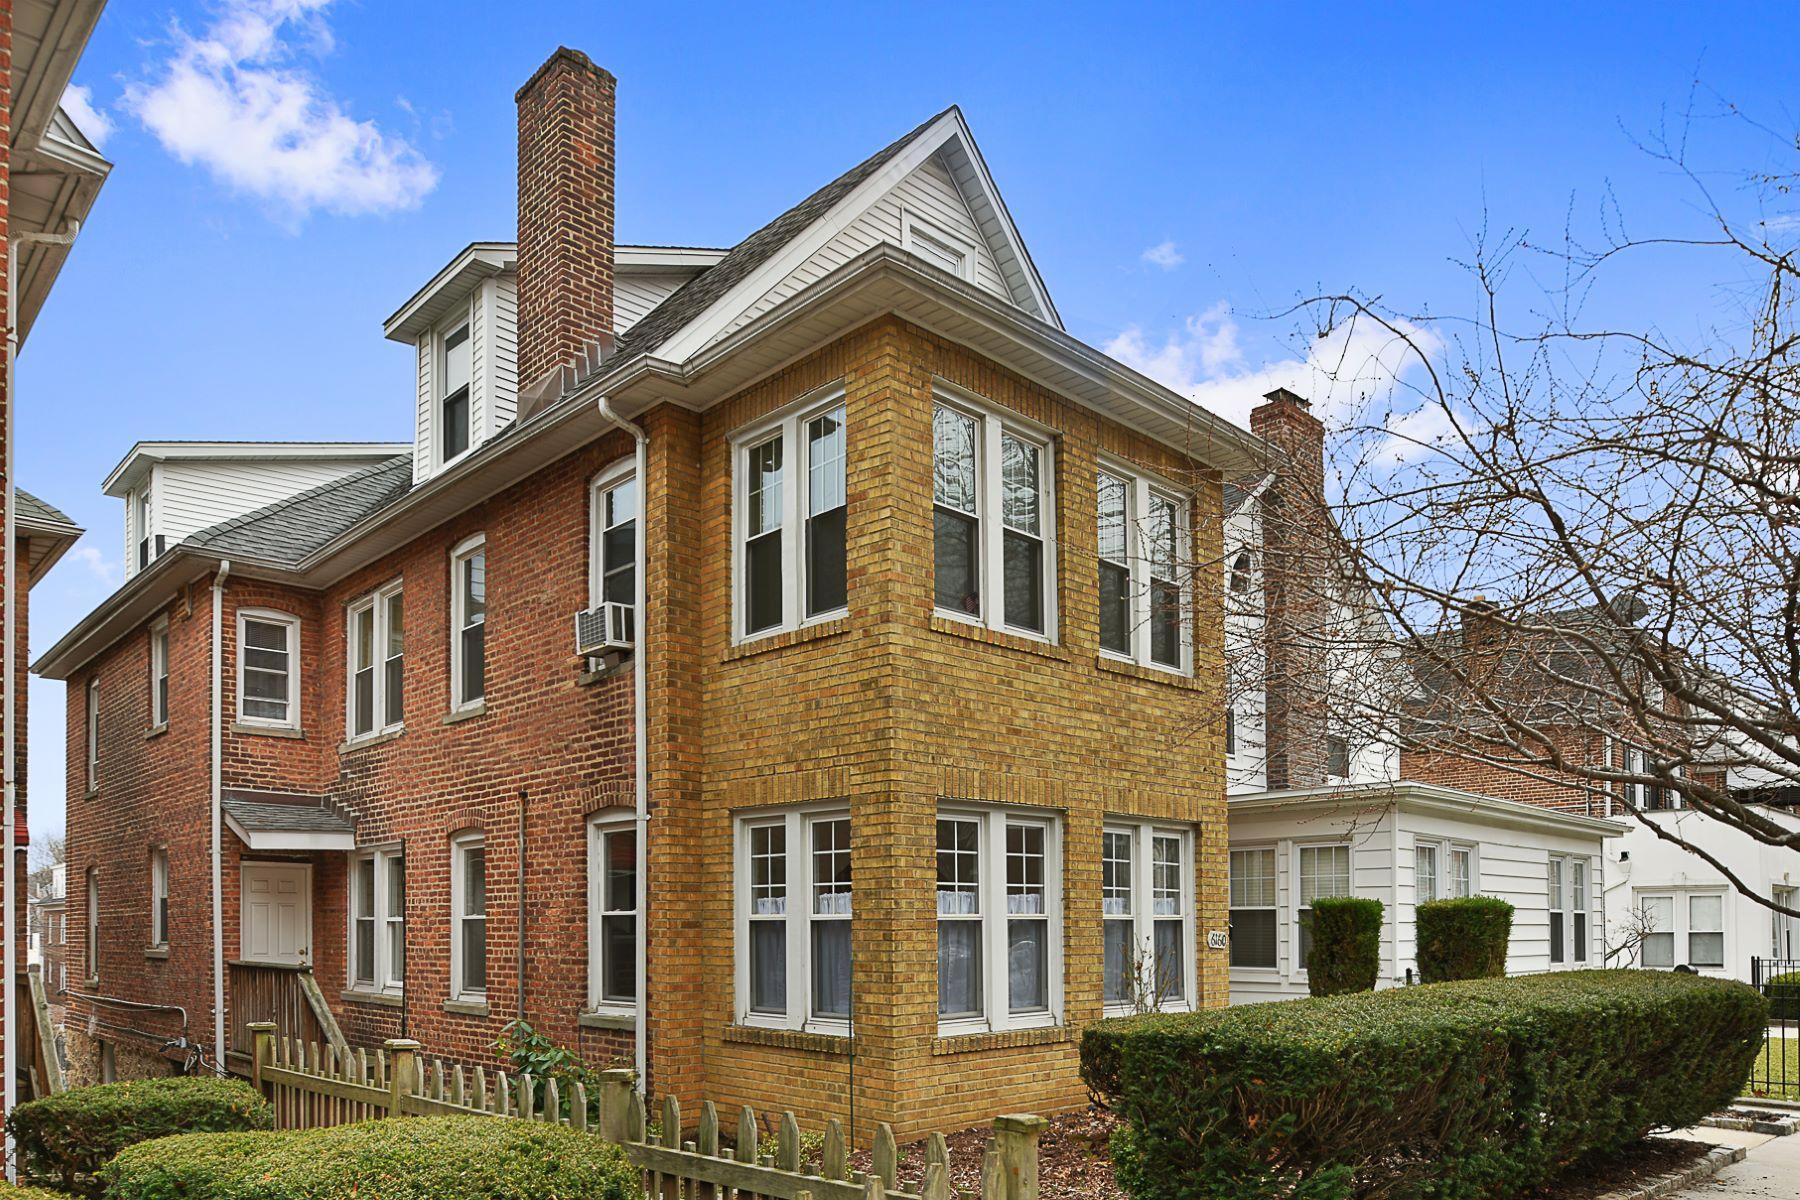 다가구 주택 용 매매 에 Detached Multi-Family Brick Home with Low Taxes 6160 Delafield Avenue, Riverdale, 뉴욕, 10471 미국